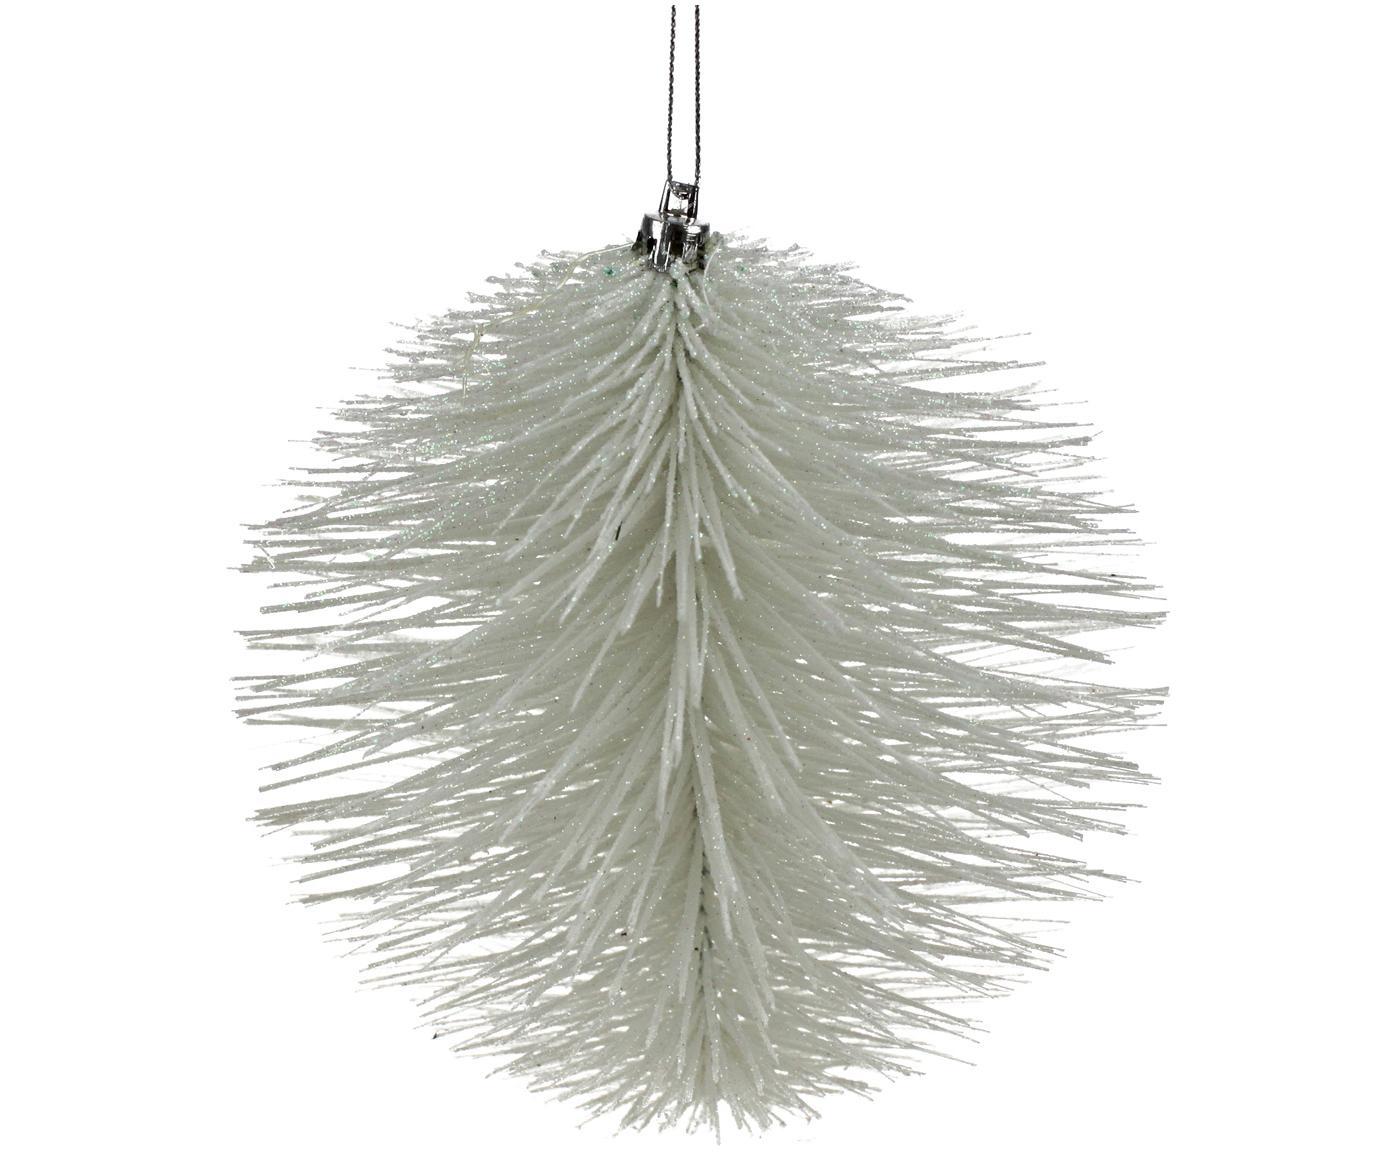 Deko-Anhänger Wipers, 2 Stück, Kunststoff, Metalldraht, Weiss, Ø 15 cm